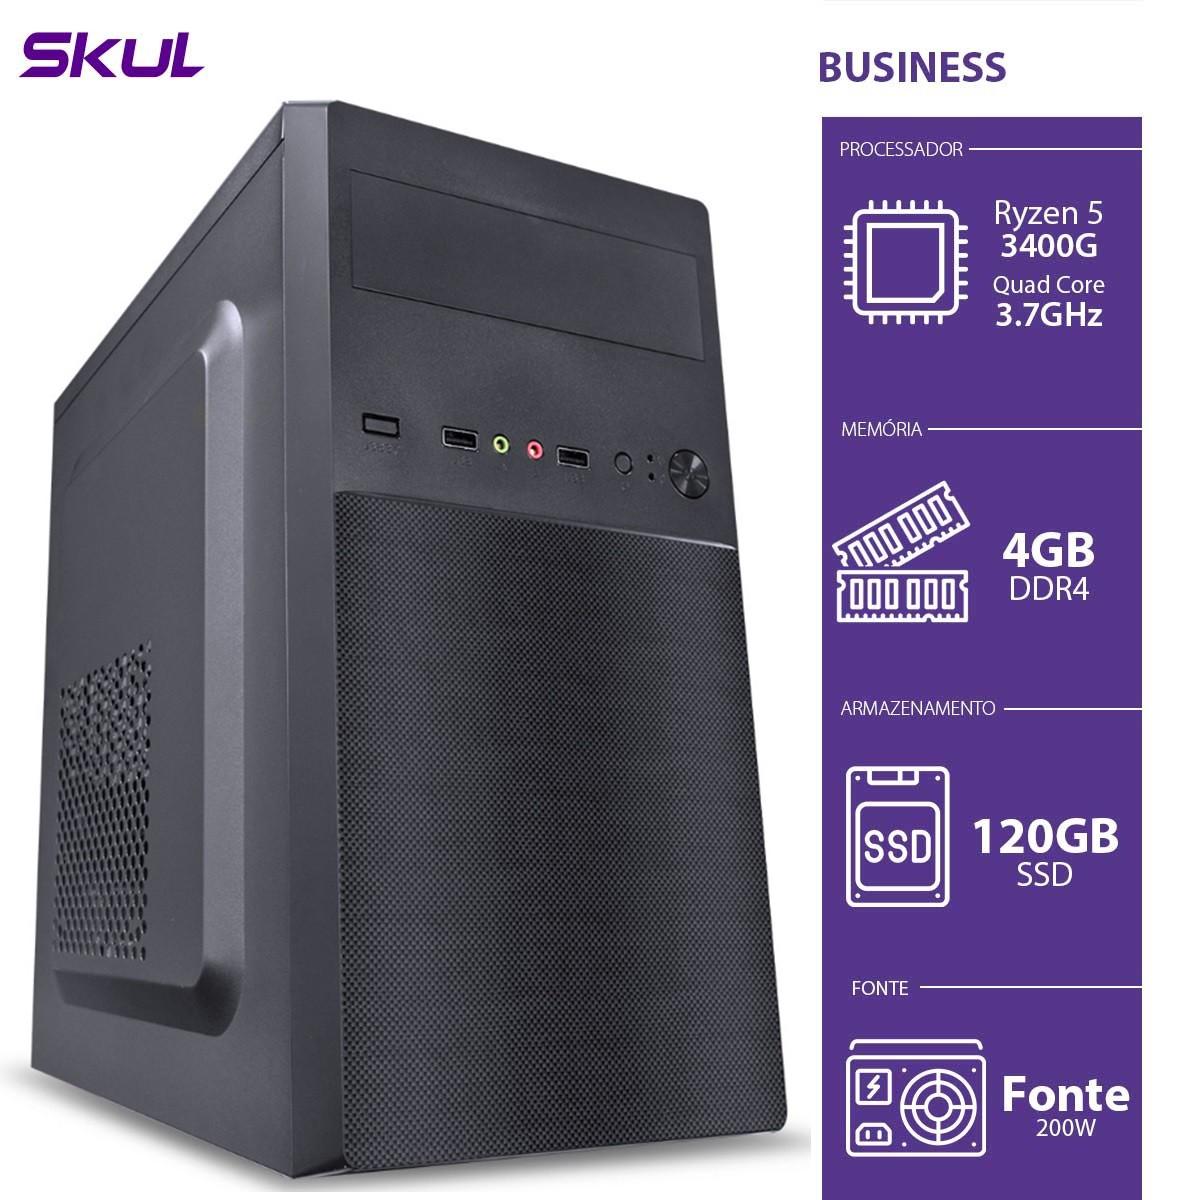 Computador Business B500 - R5-3400G 3.7GHZ 4GB DDR4 SSD 120GB HDMI/VGA Fonte 200W